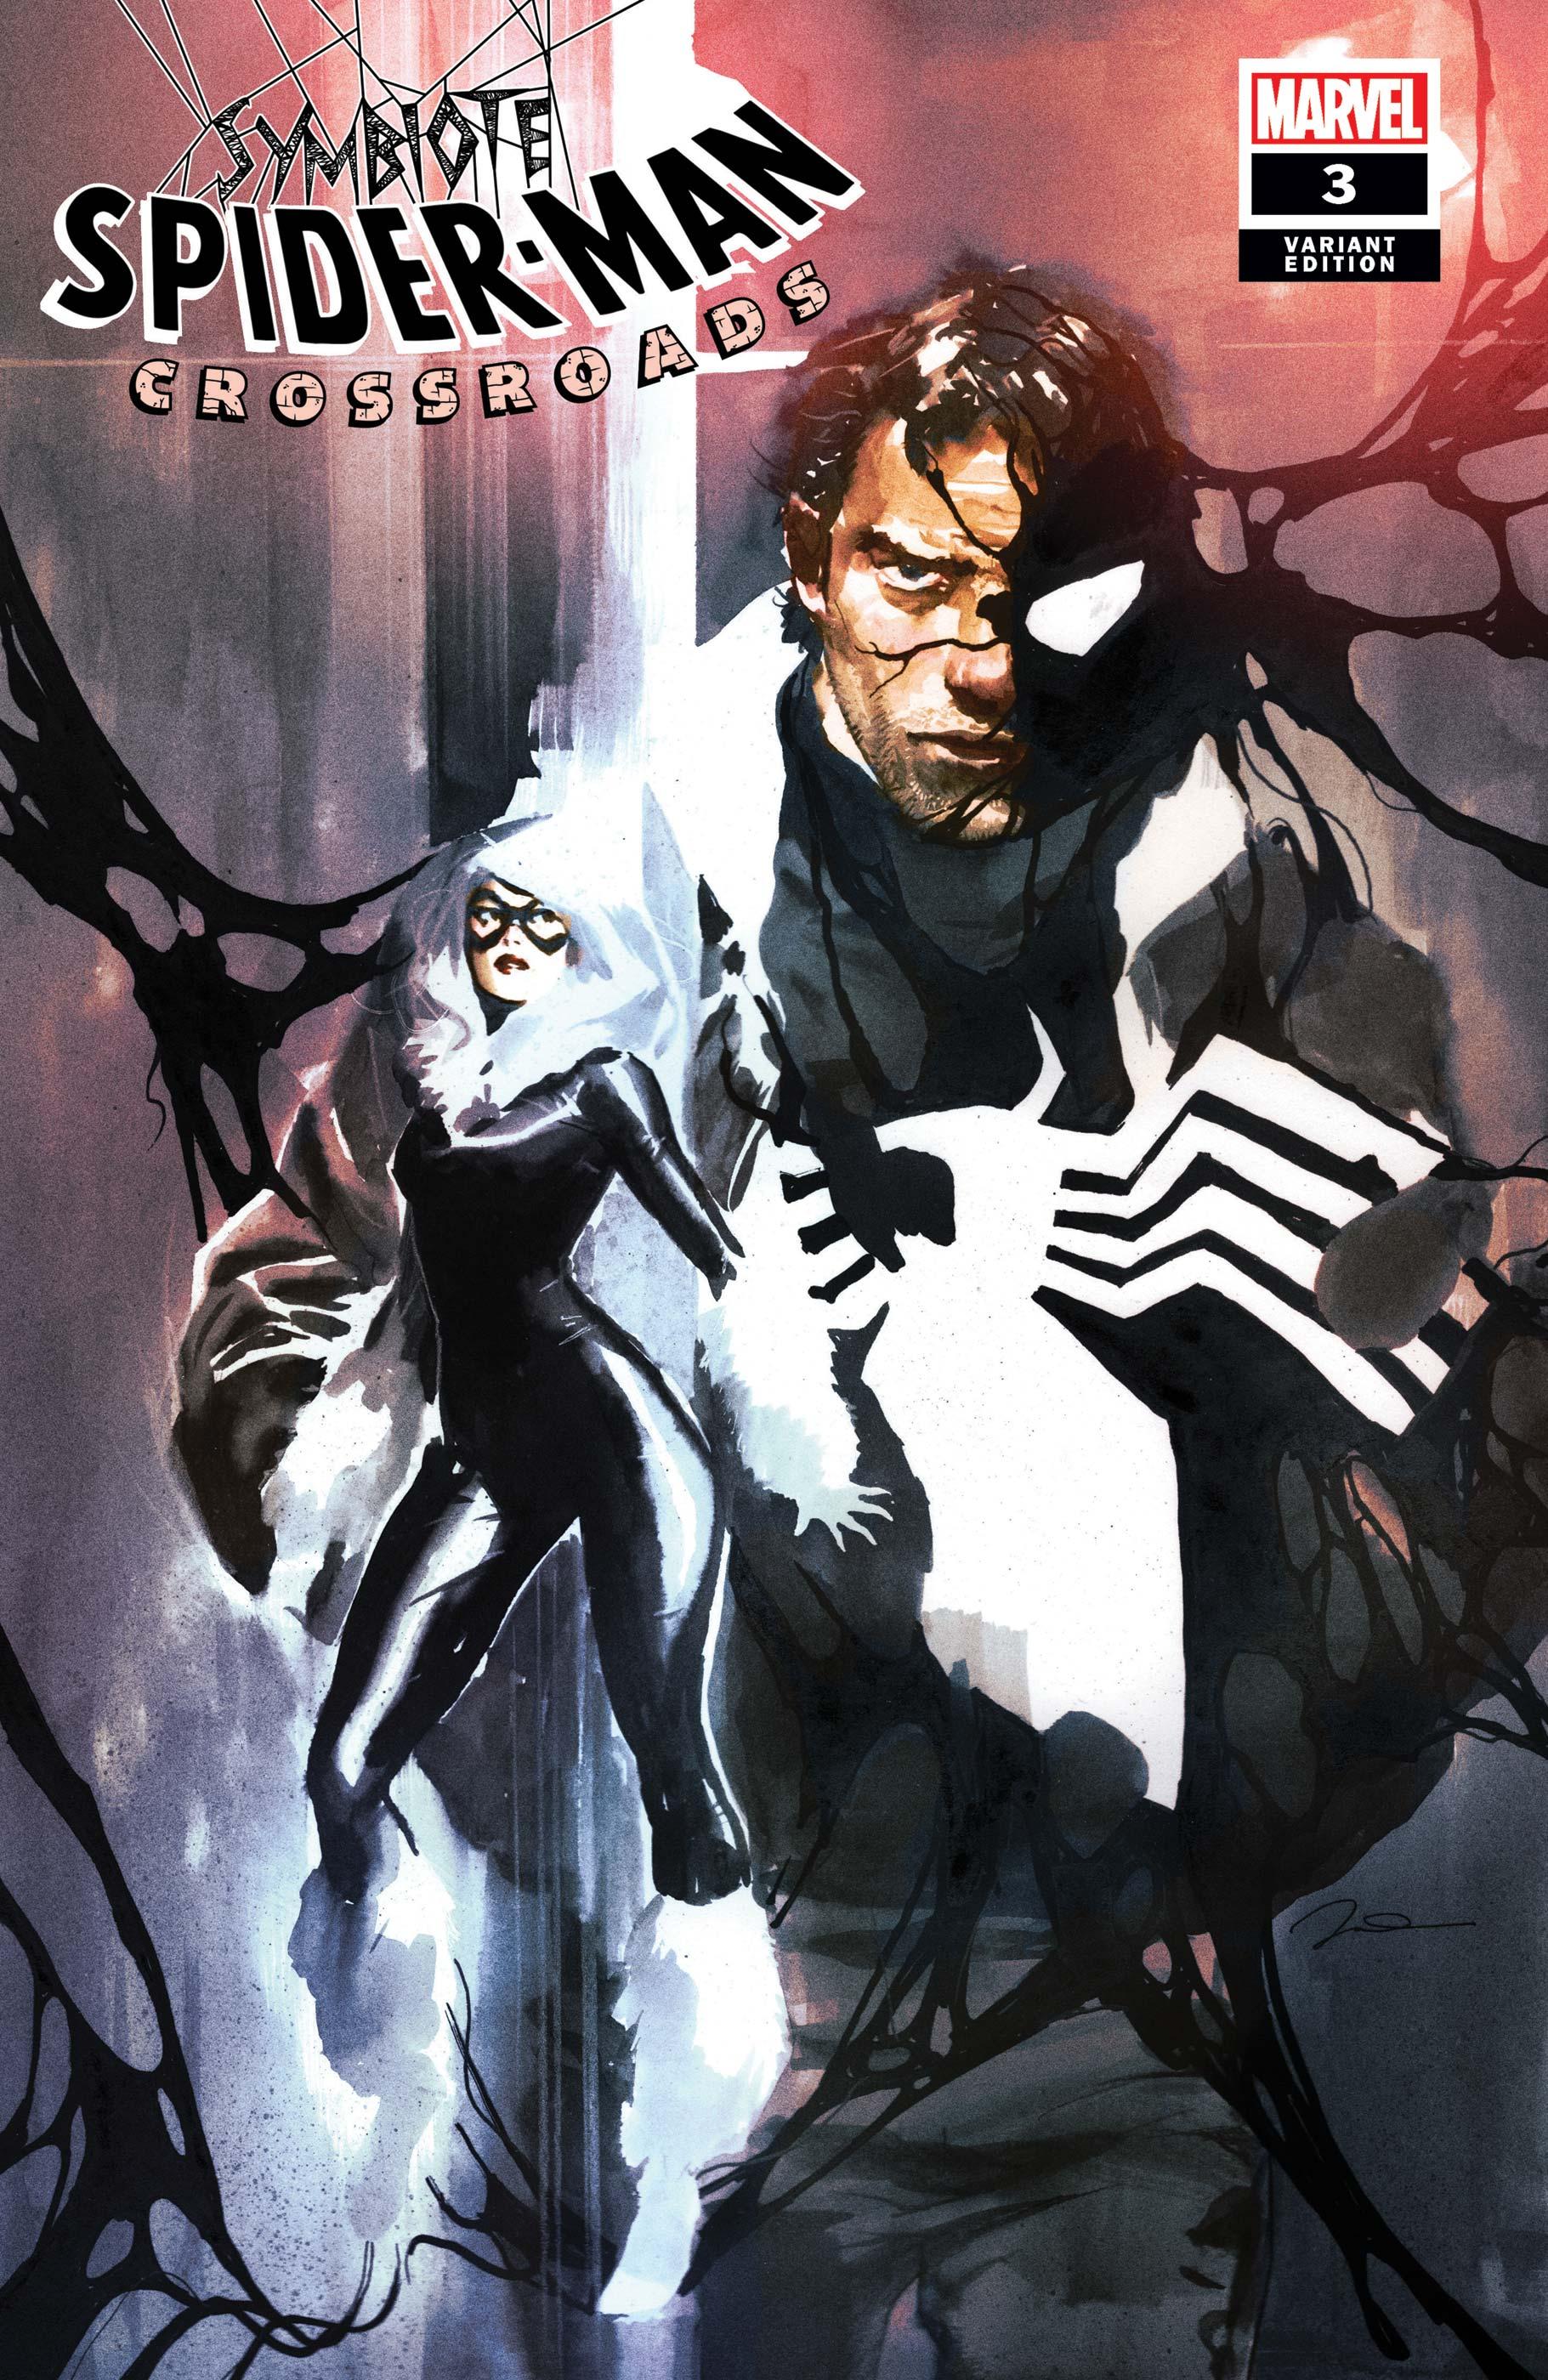 Symbiote Spider-Man: Crossroads (2021) #3 (Variant)